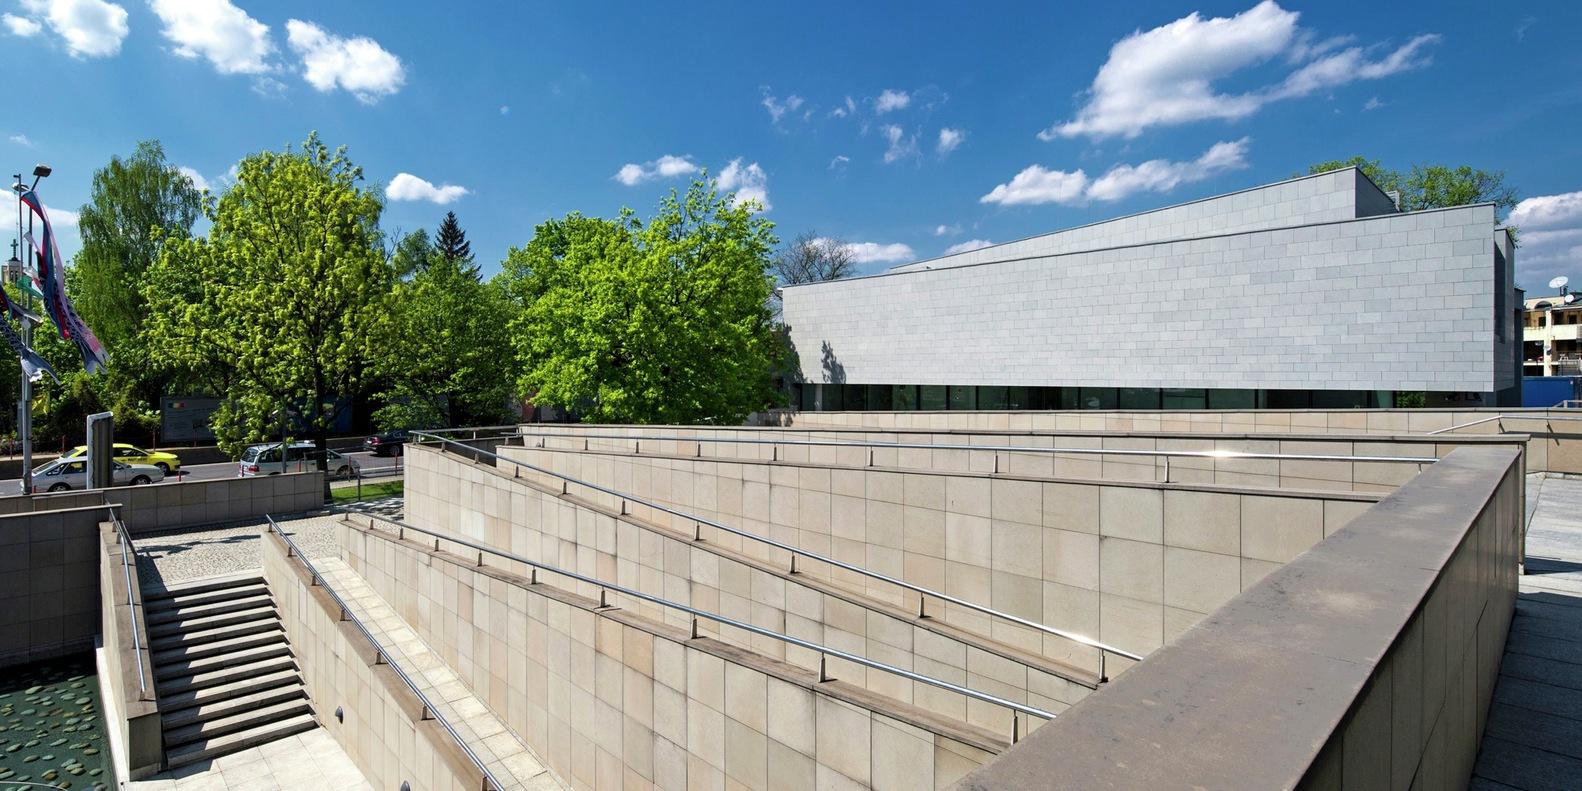 建筑形式 Manggha博物馆的屋顶是基于几何双曲面的几个并列水平抛物线的特殊形式,整个建筑体量比较完整。任何想要补充或扩展原有组合的动作无疑会打破现有的和谐。新的建筑应该努力贴近旧建筑,就我而言,应该尊重并突出主体建筑的独特性,创造一个合理的建筑背景,对外部环境进行补充和引导。 因此,Manggha博物馆在形式和功能上仍处于主导地位,在规模和组合上处于次要地位。新建筑的外形尽可能得远离Manggha博物馆的主入口和基地,以免挡住ul.